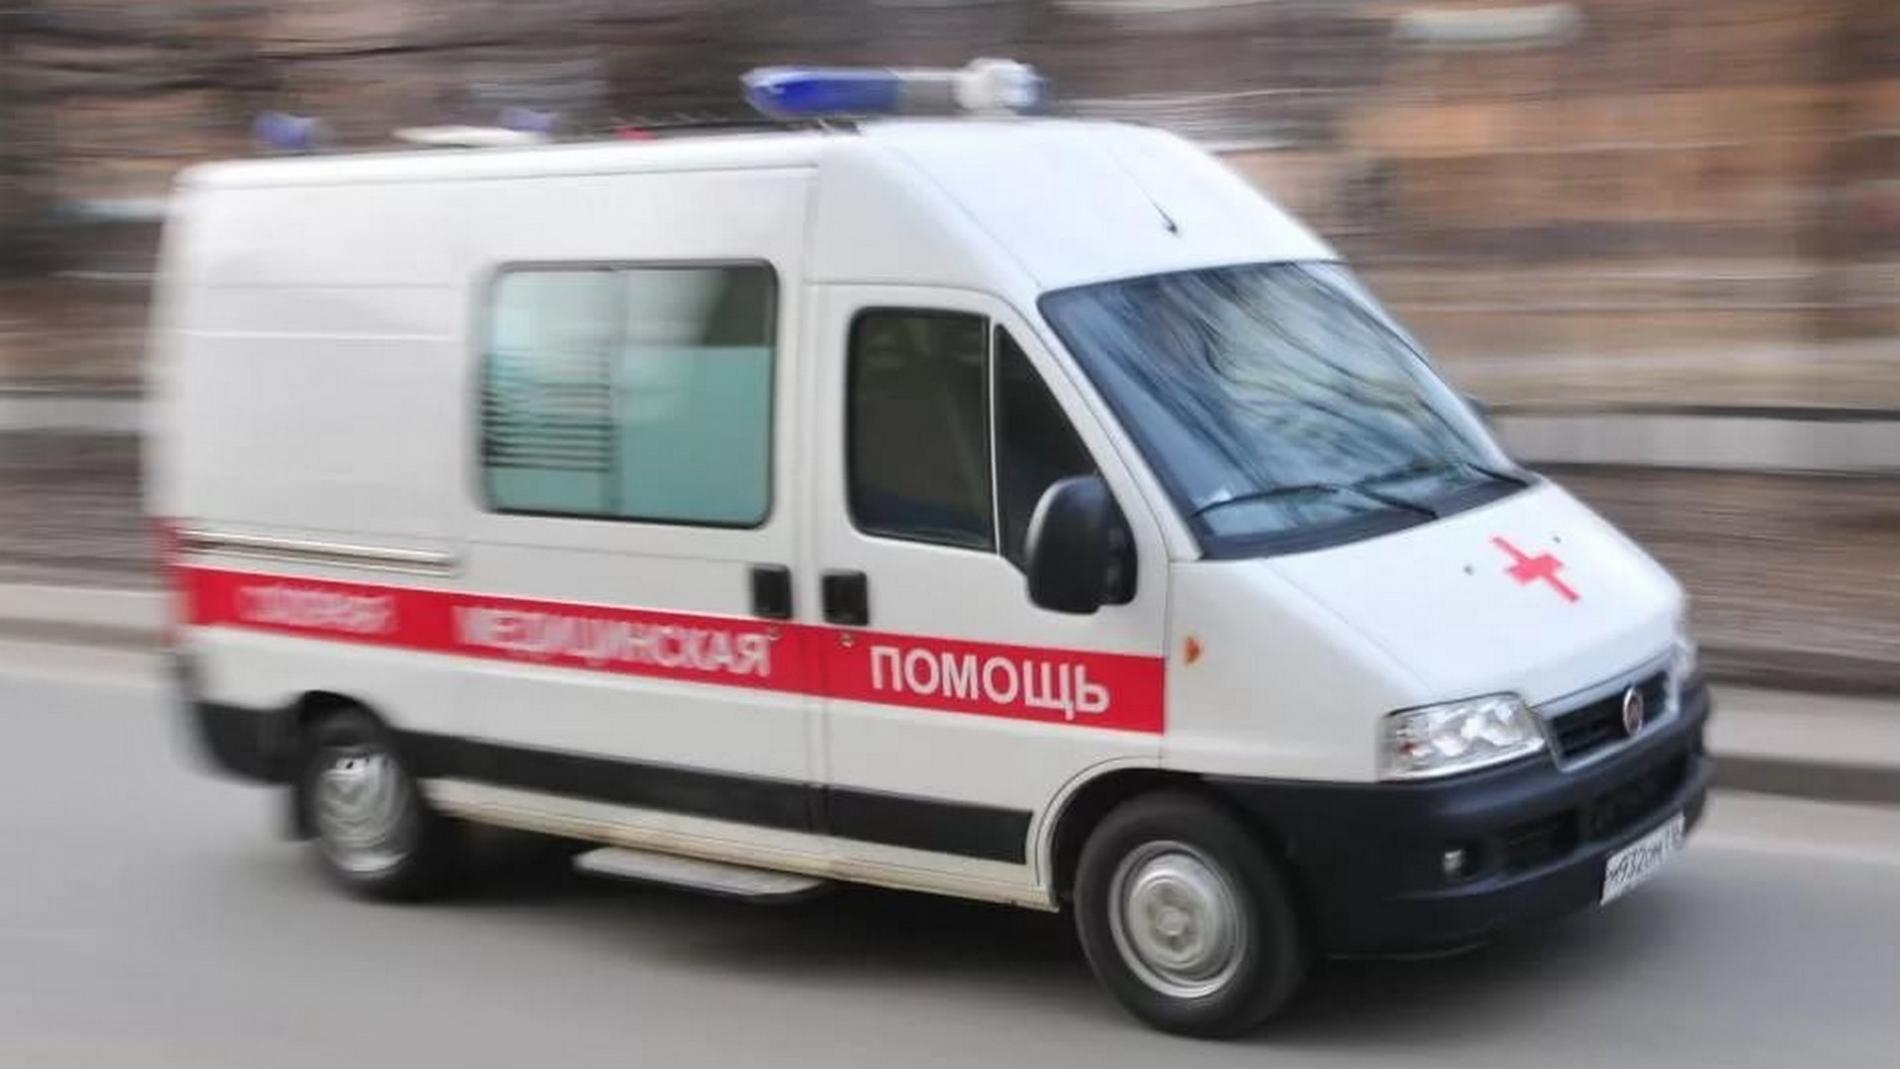 Неменее 4 тыс. вологжан обратились за врачебной помощью вновогодние каникулы